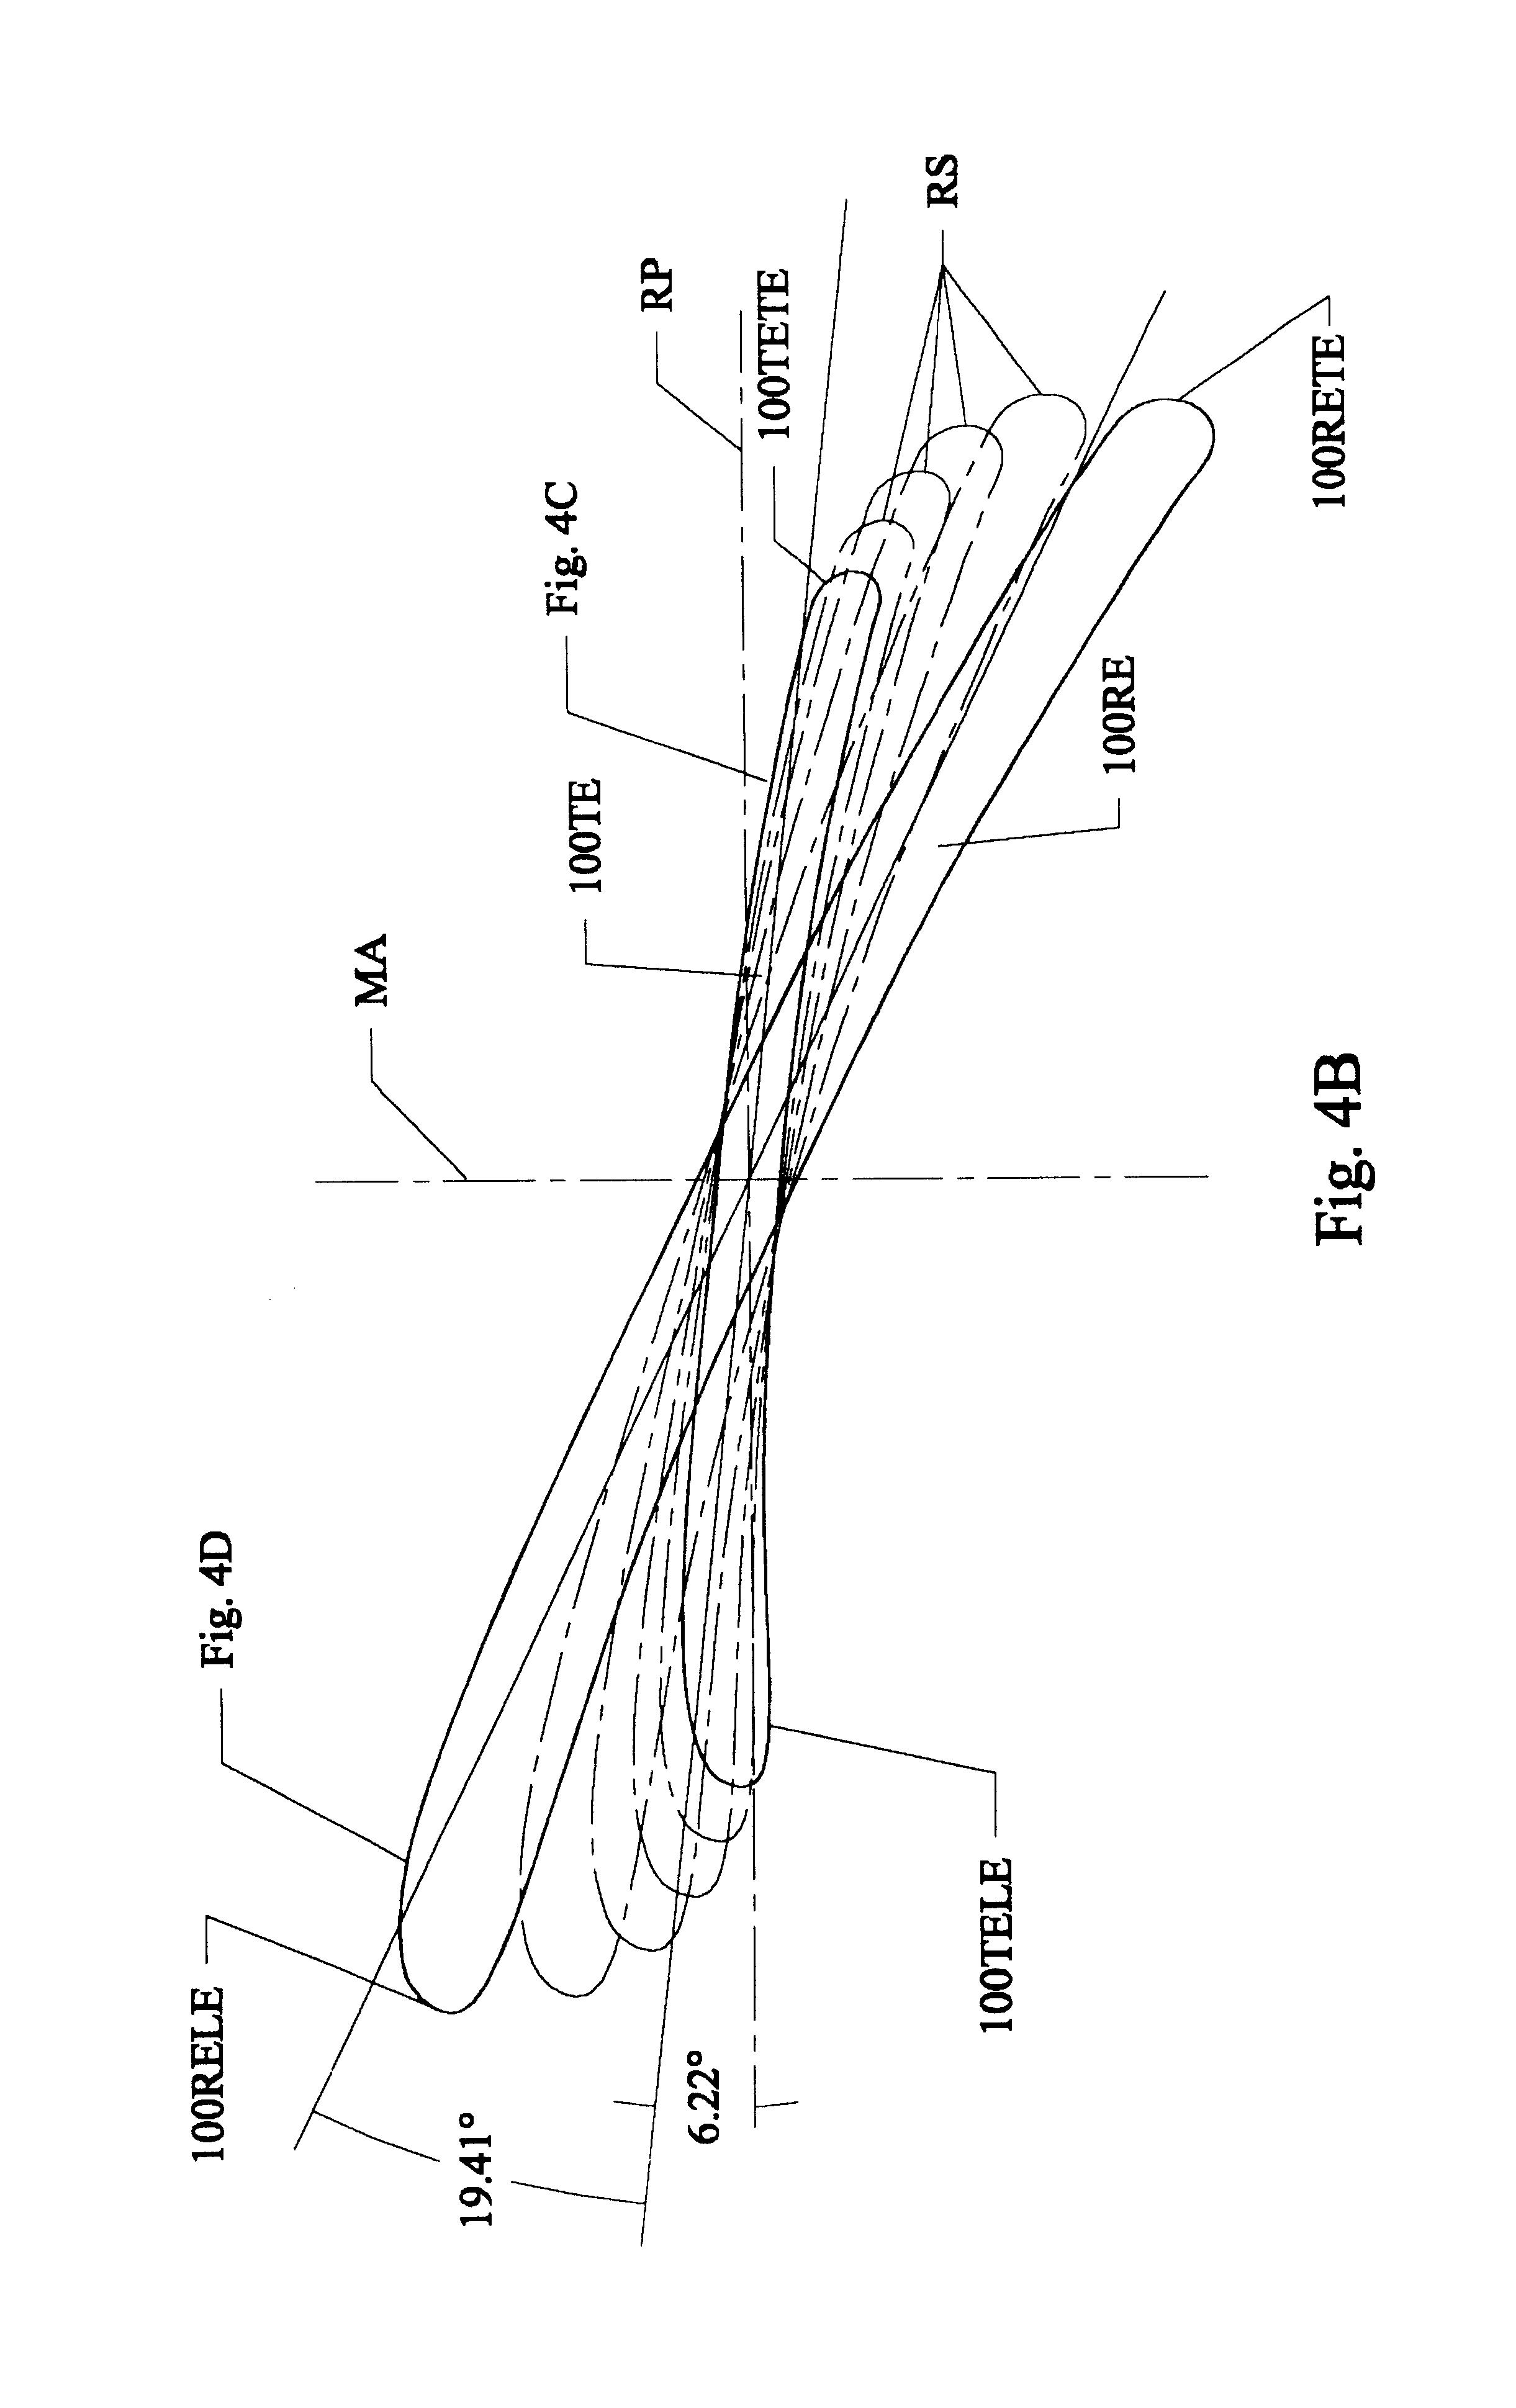 Fan Blade Drawing : Patent us high efficiency ceiling fan blades